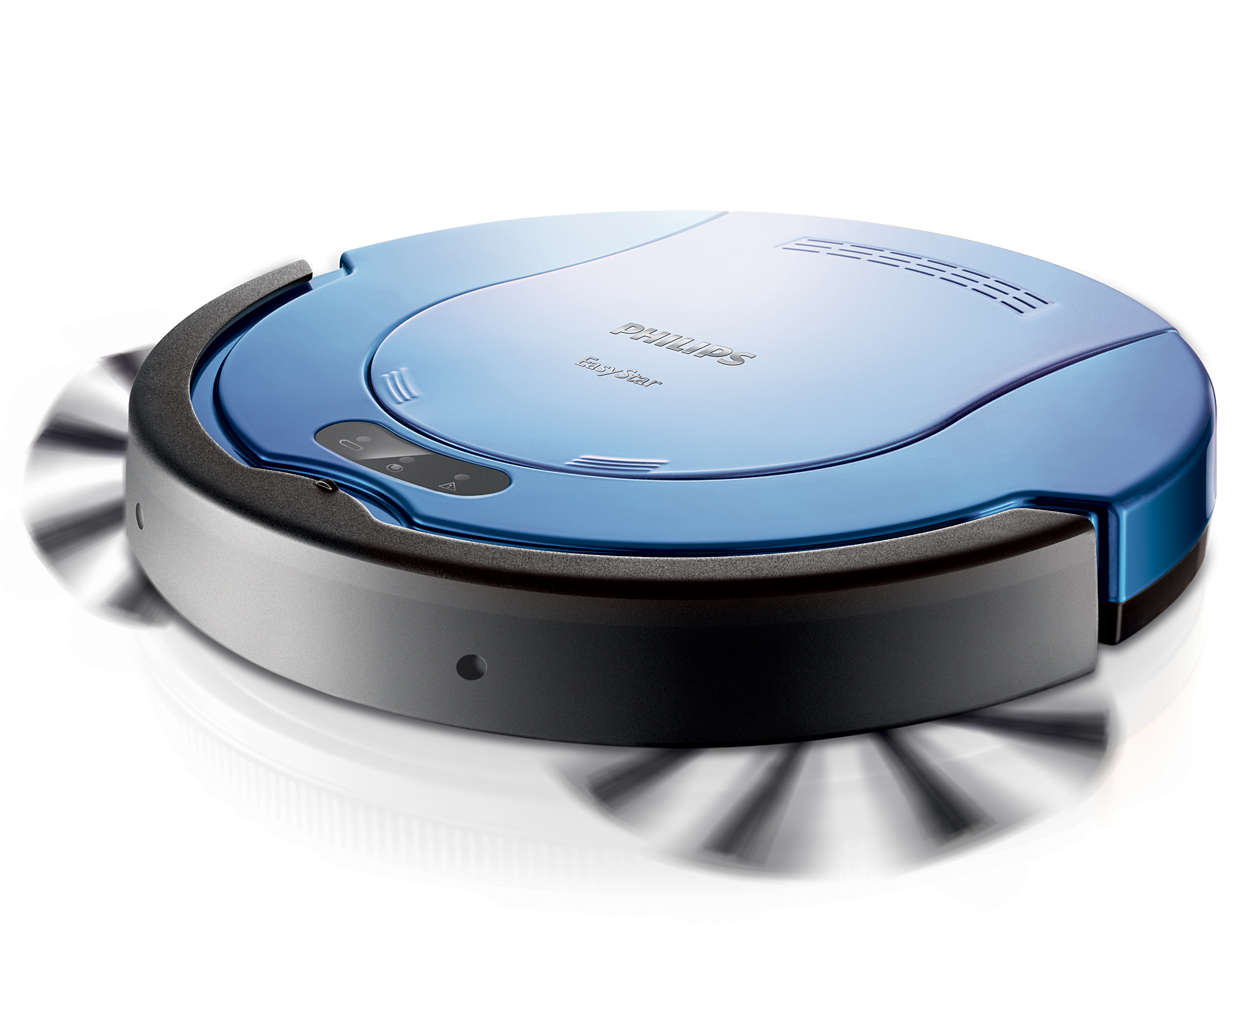 L'aspirateur-robot le plus fin